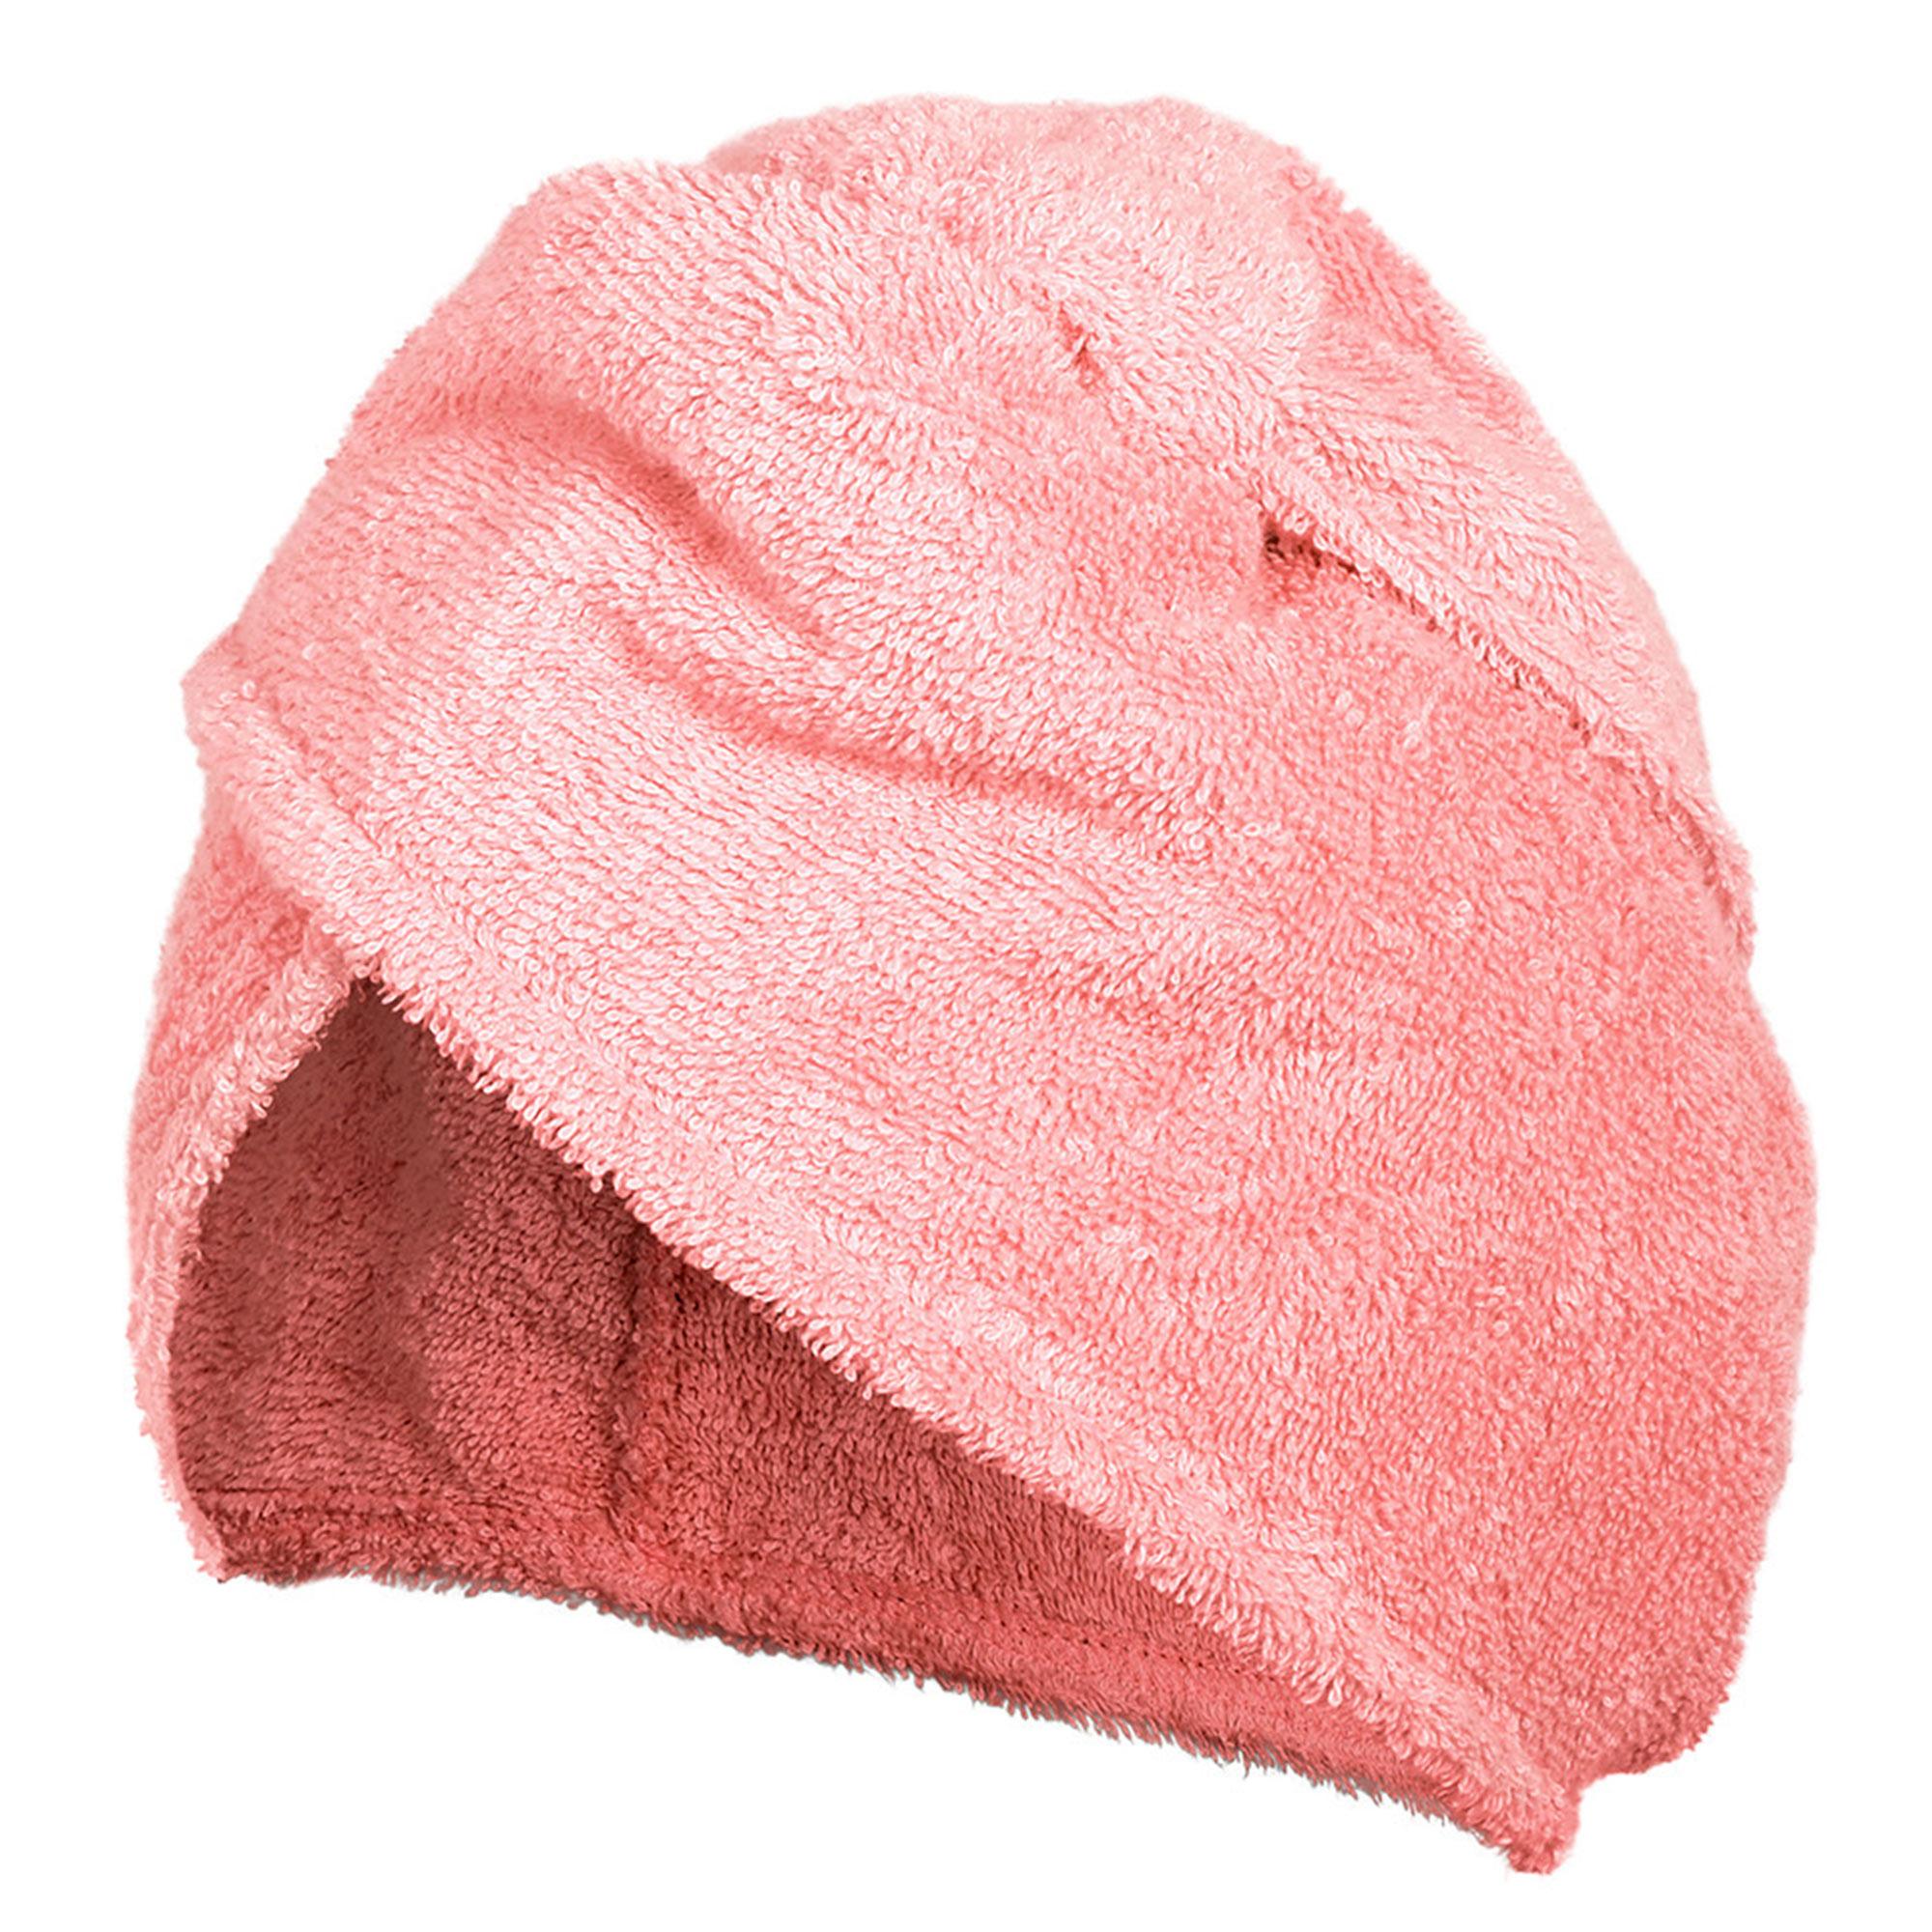 Махровая чалма Банные штучки розовая